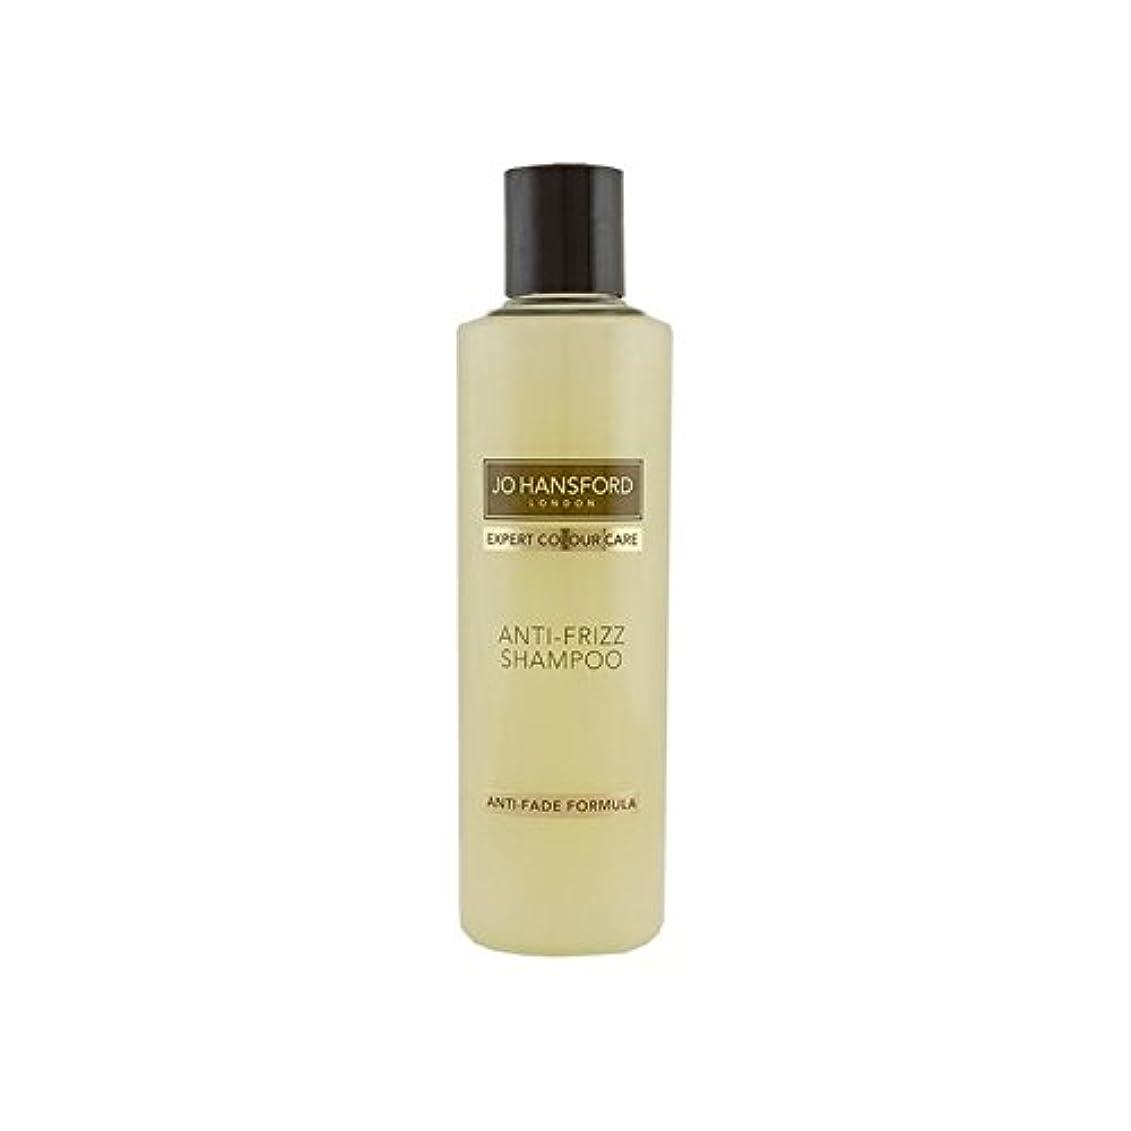 テロバーチャル出口Jo Hansford Anti Frizz Shampoo (250ml) (Pack of 6) - ジョー?ハンスフォード反縮れシャンプー(250ミリリットル) x6 [並行輸入品]